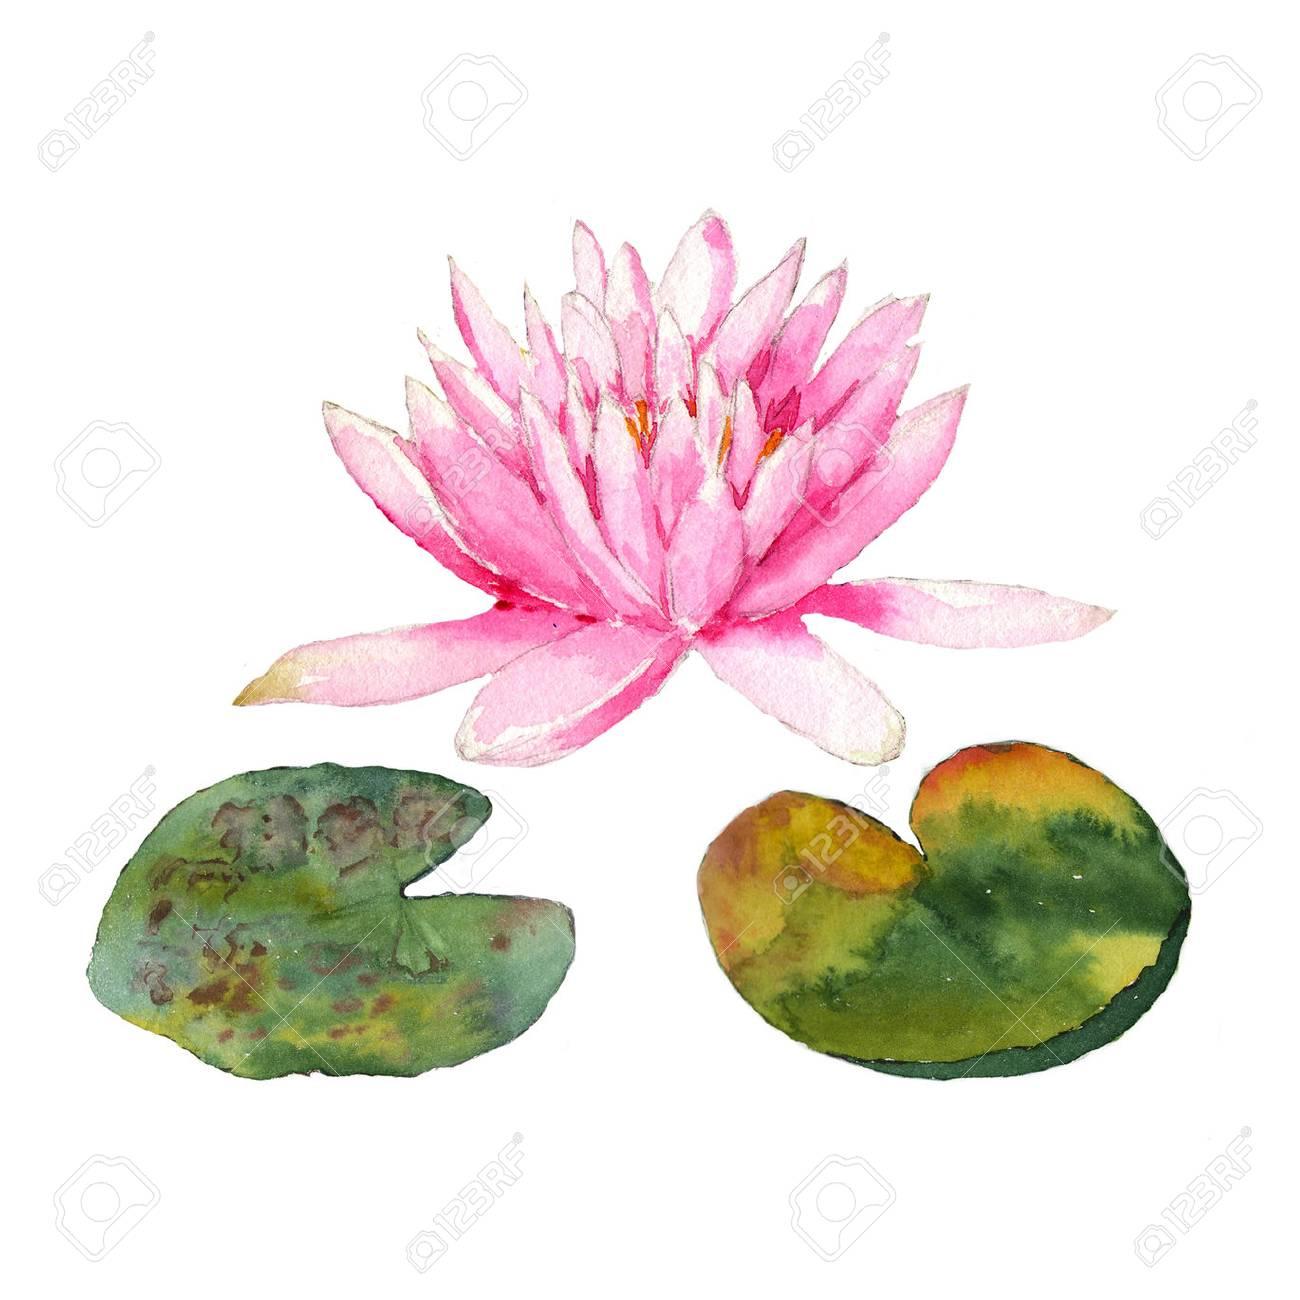 白い背景の上の池で睡蓮の植物の水彩イラスト の写真素材画像素材